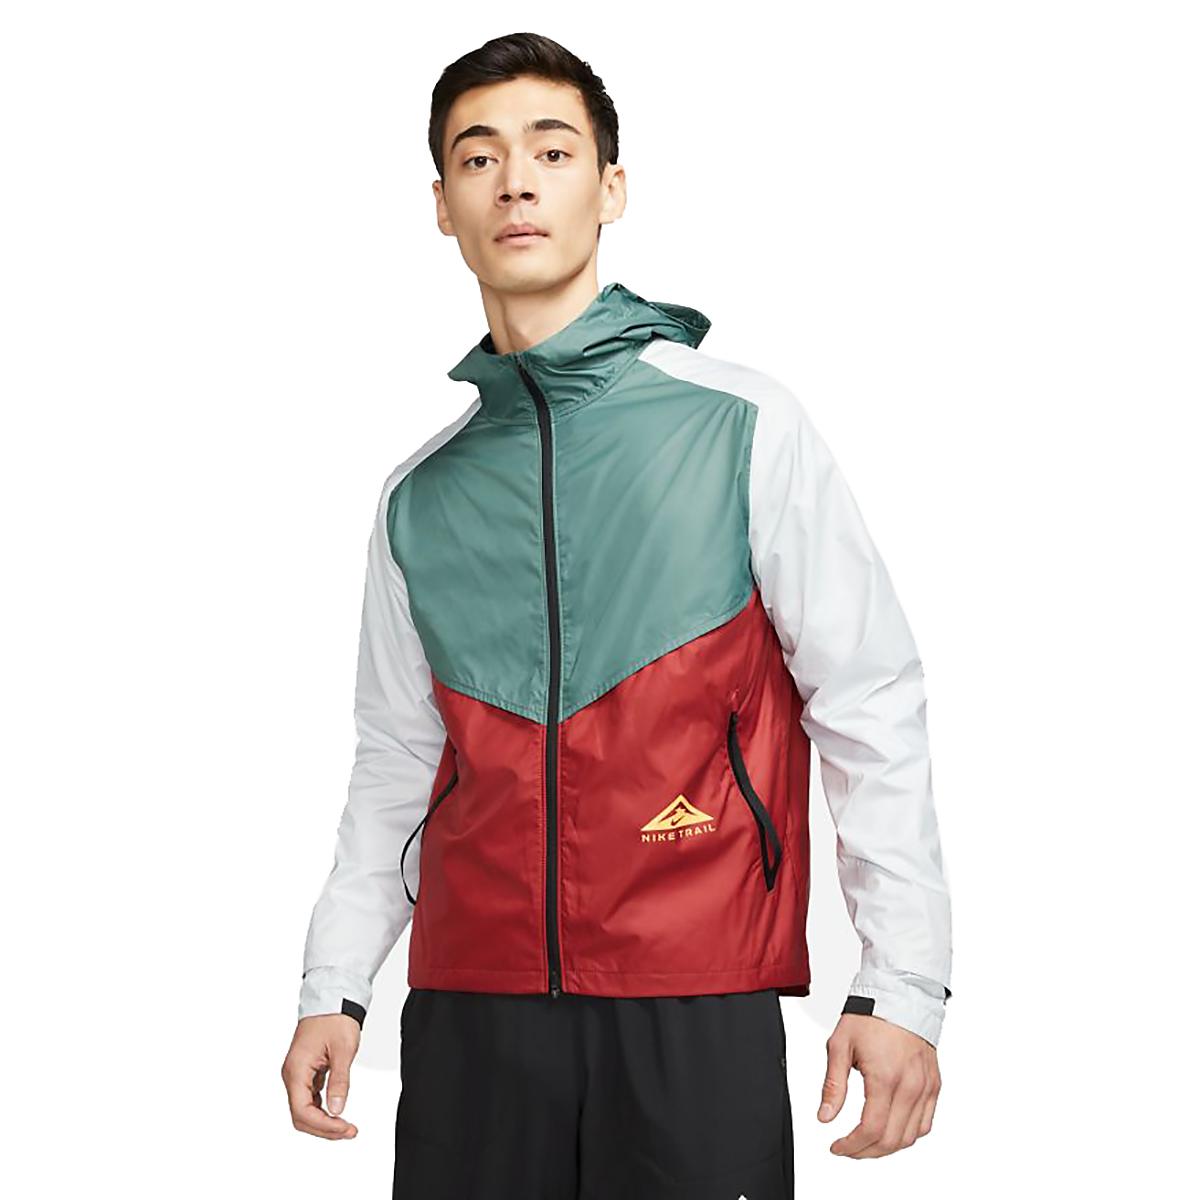 Men's Nike Windrunner Trail Running Jacket, , large, image 1